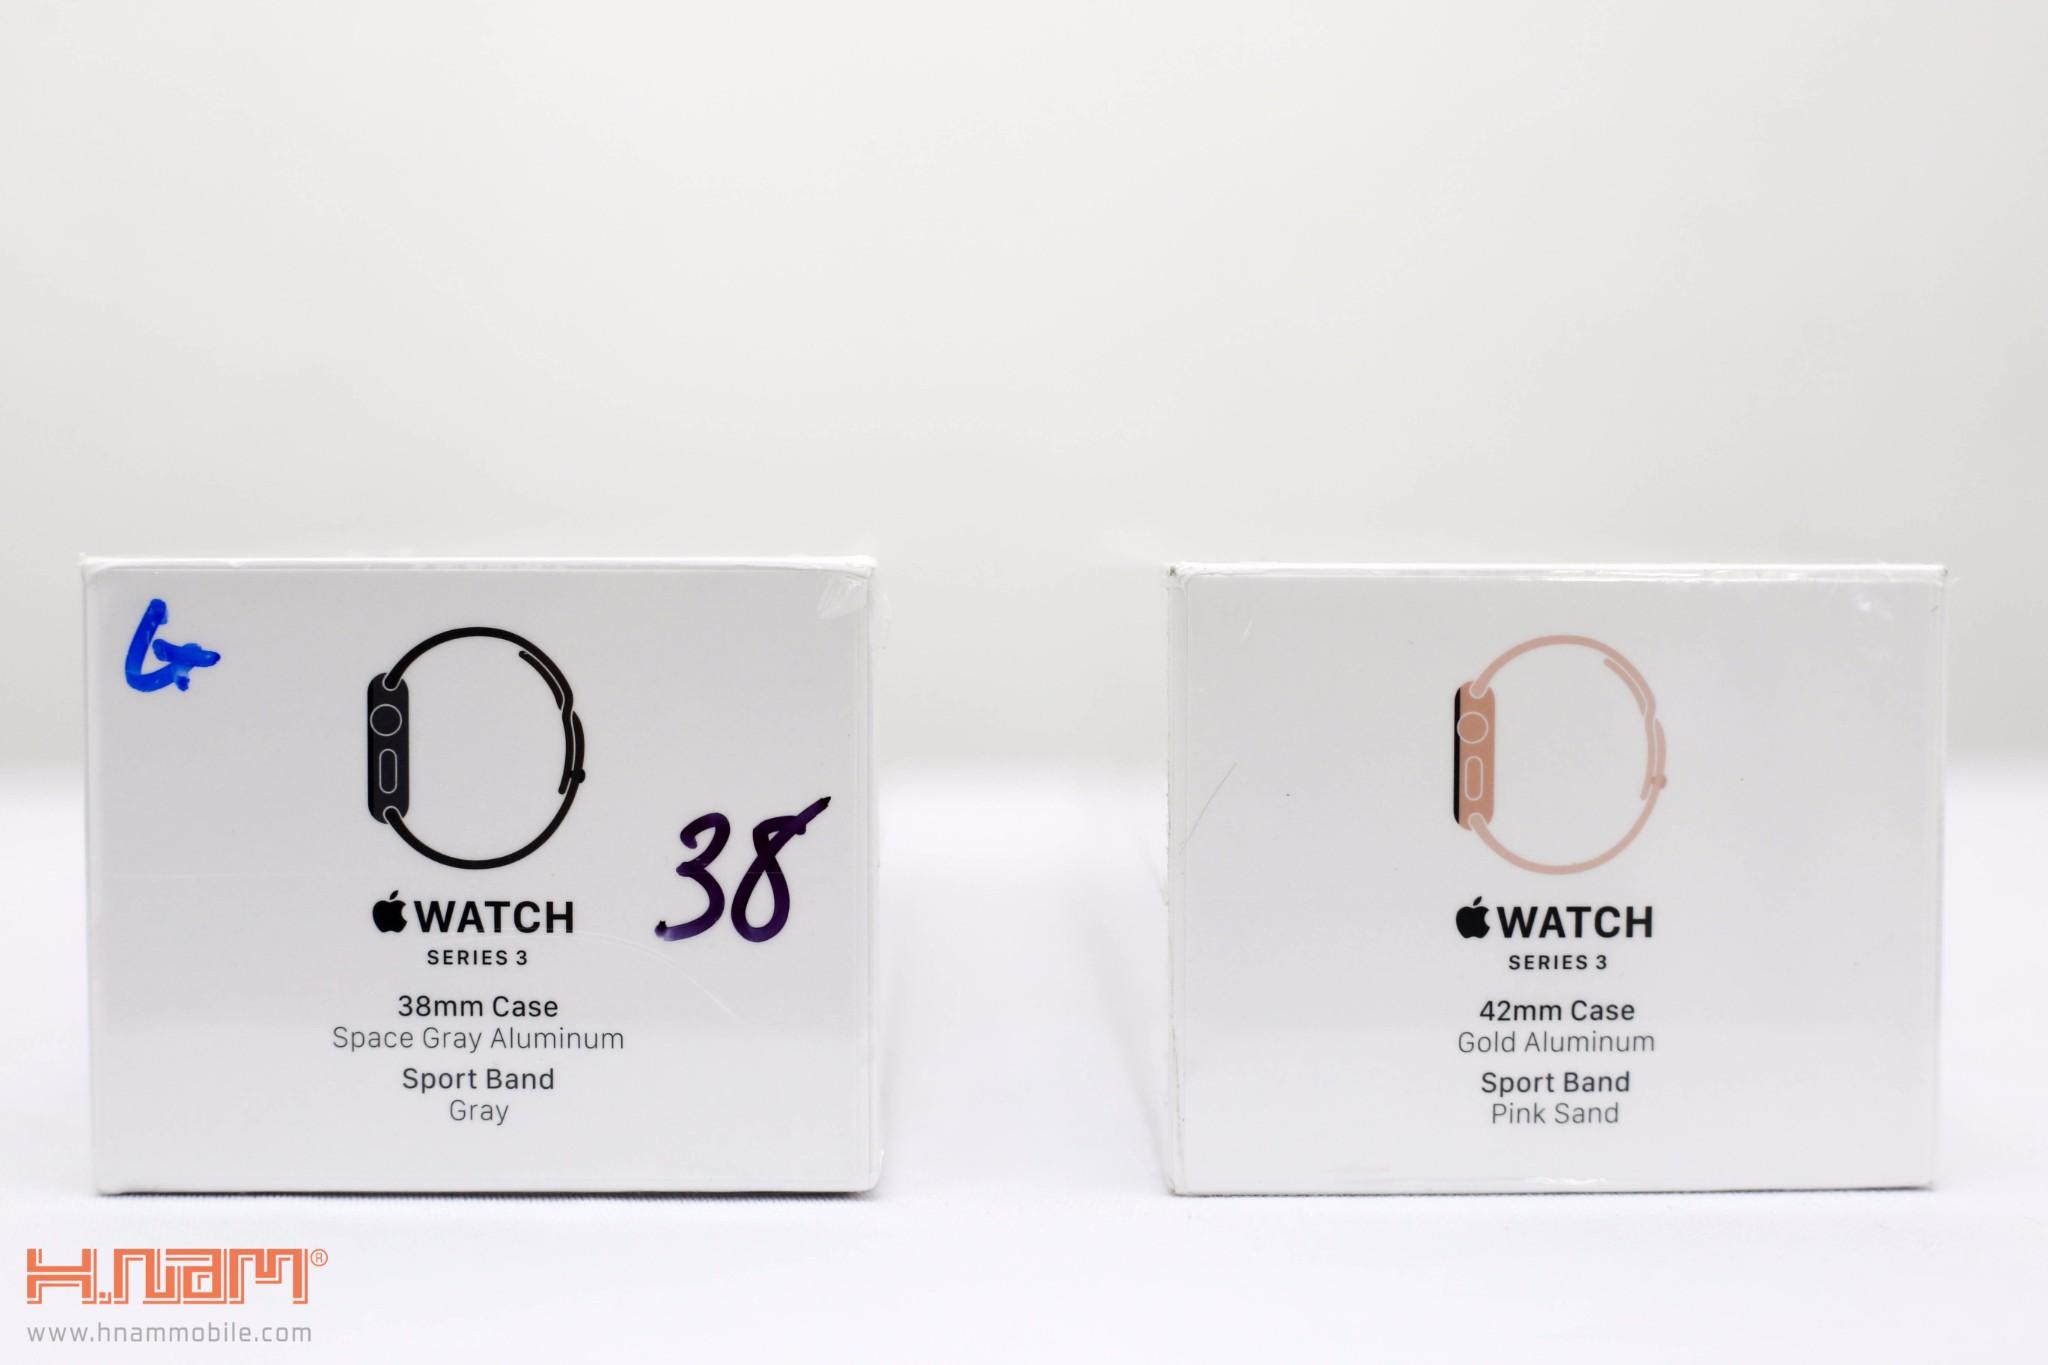 Đập 2 hộp Apple Watch Series 3: Vẫn rất đẹp và hiện đại, cấu hình mạnh hơn hình 3